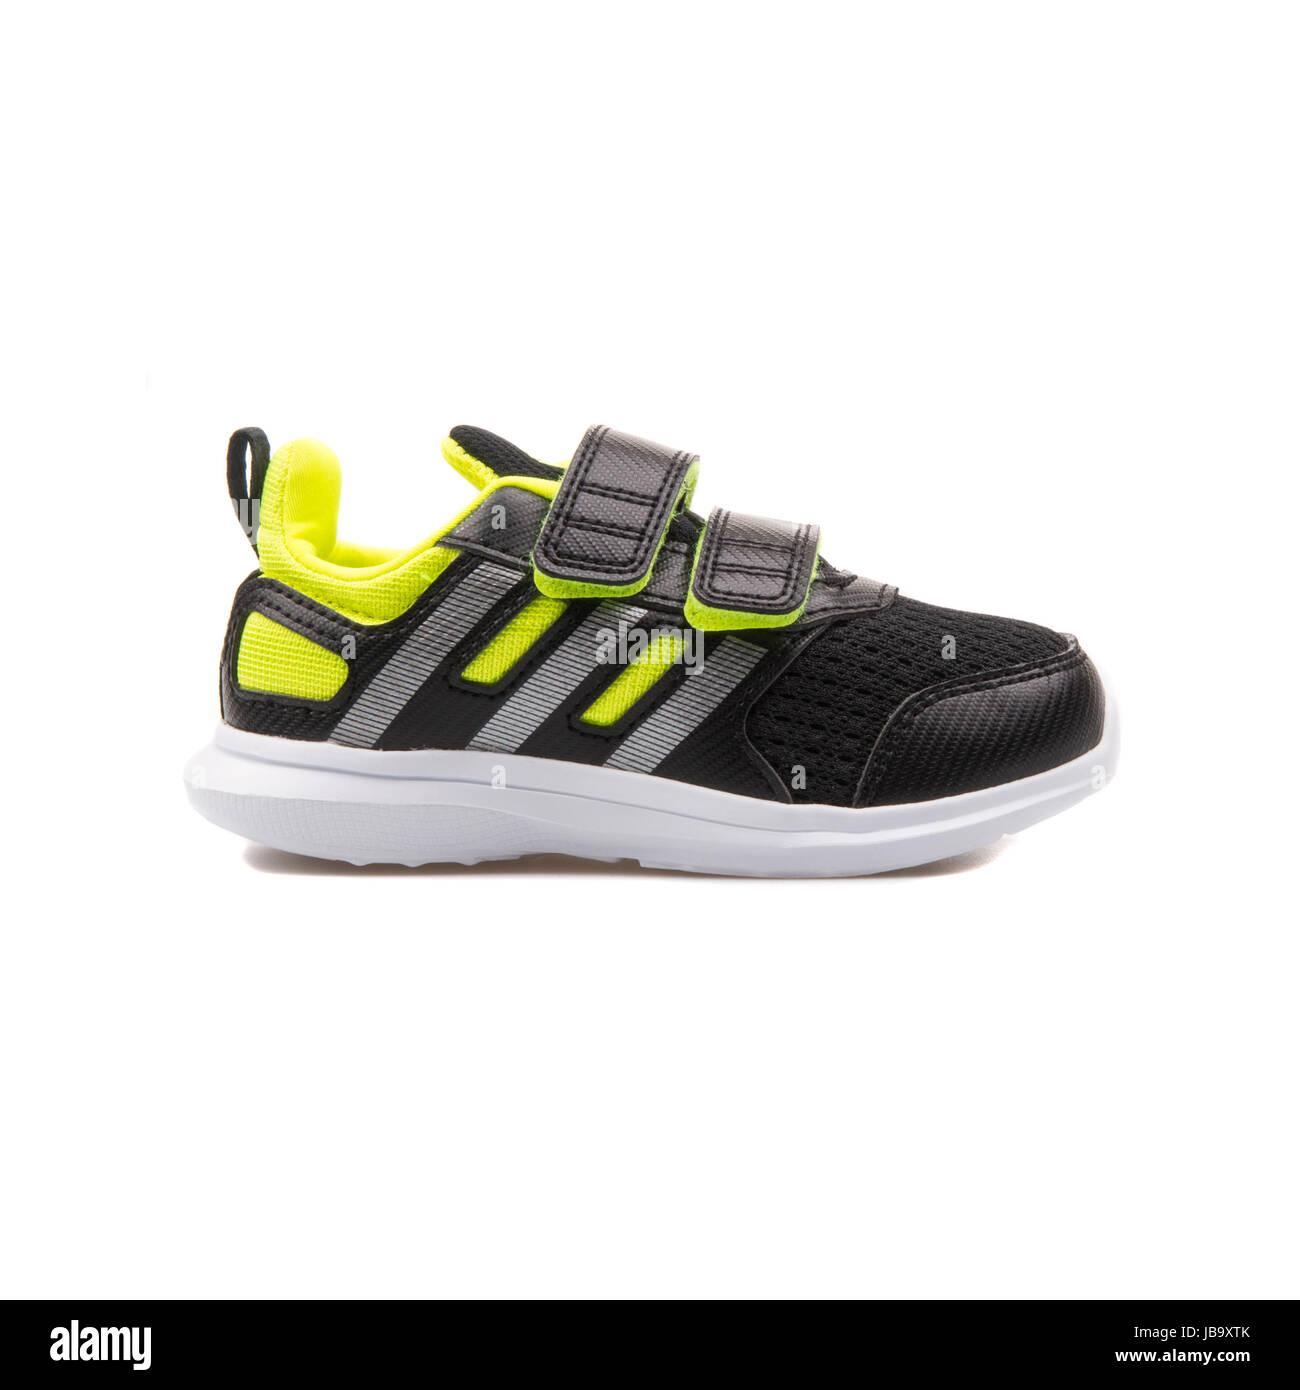 Adidas Hyperfast 2.0 CF i Black and Neon Yellow Children's